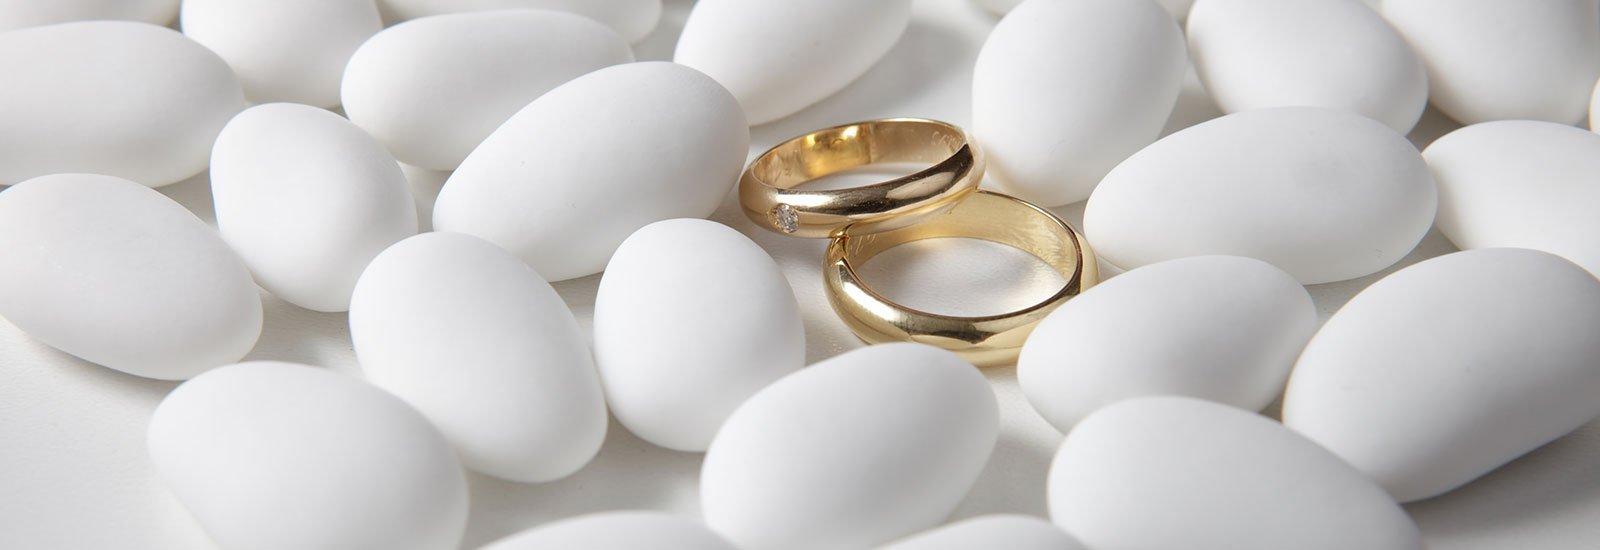 fedi di nozze in mezzo a dei confetti